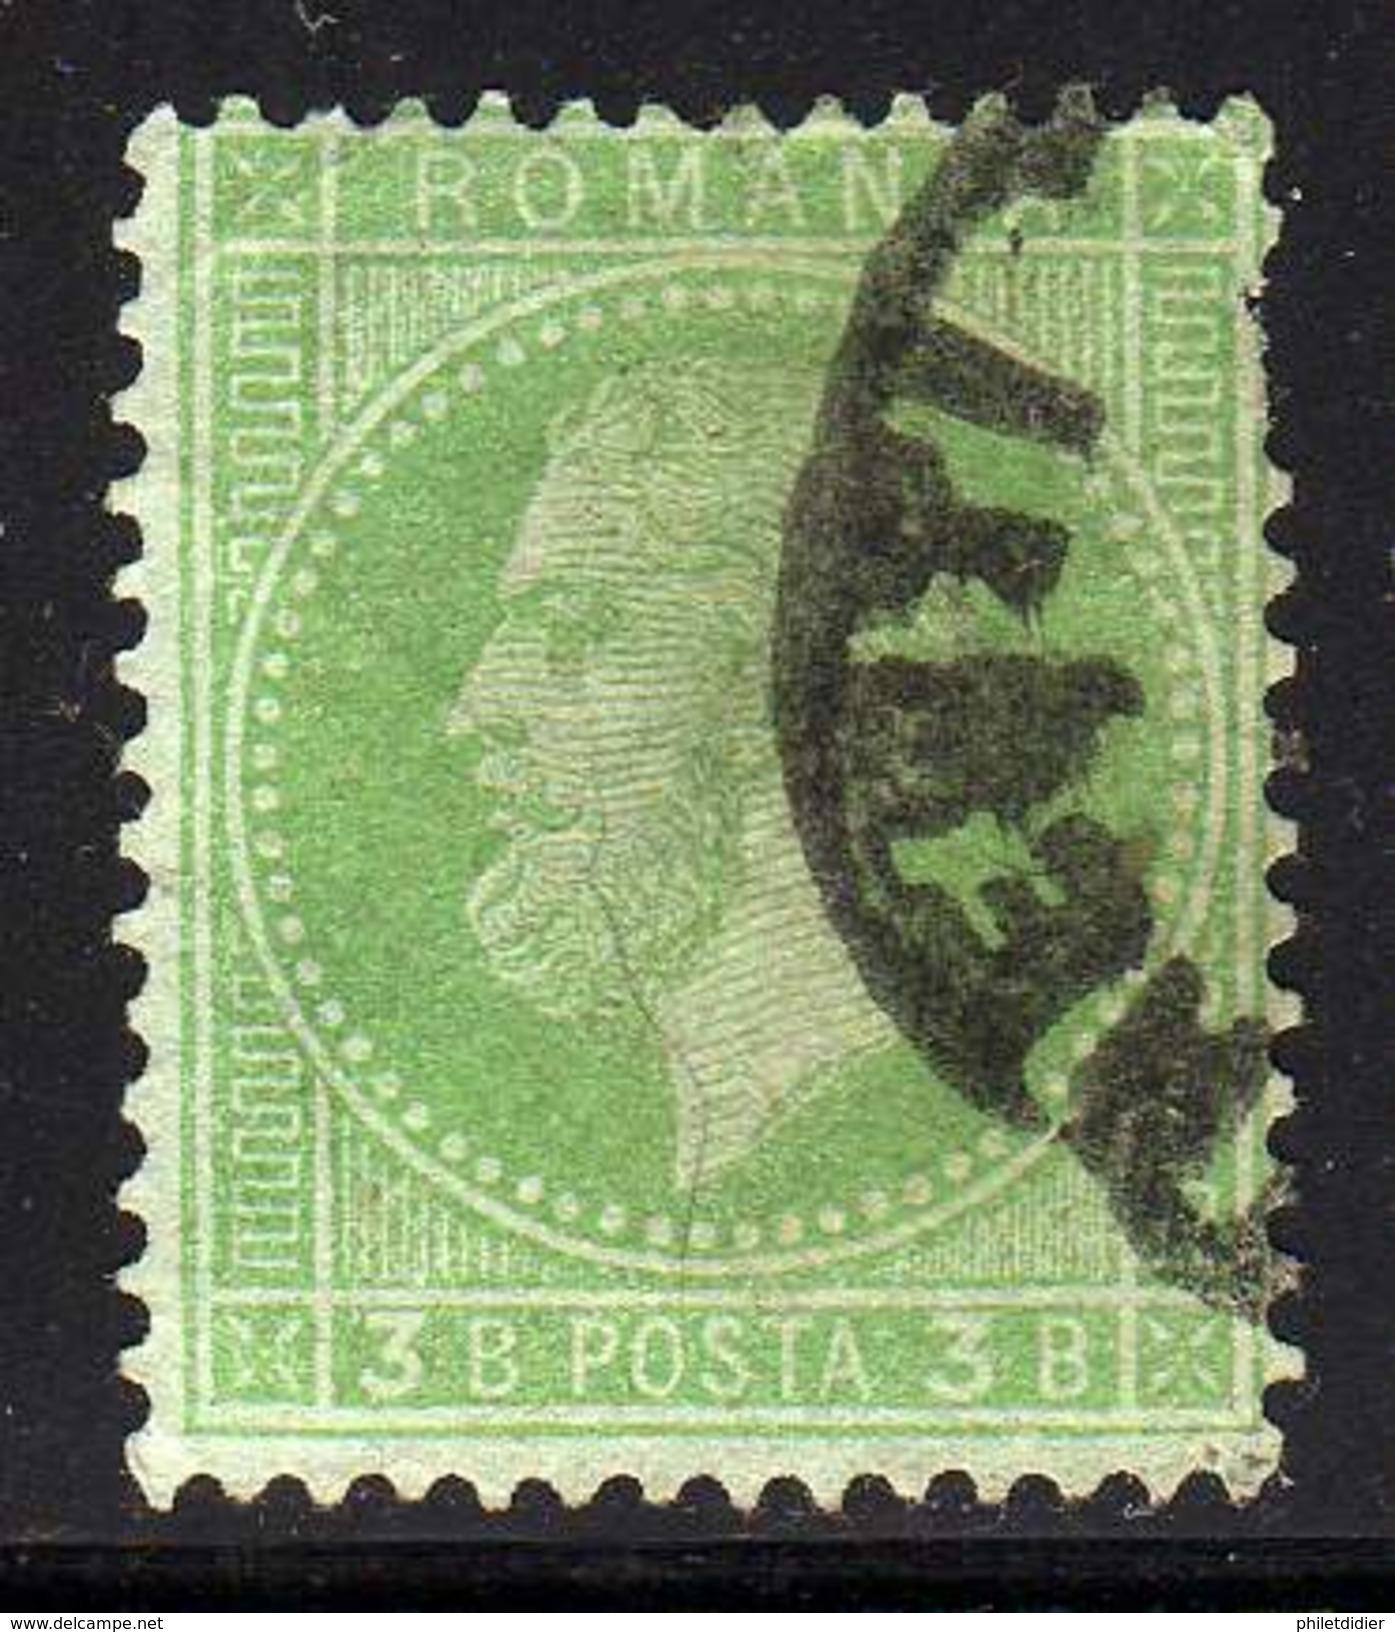 ROUMANIE YT 37 OBLITERE COTE 2.25 € - 1858-1880 Moldavia & Principato